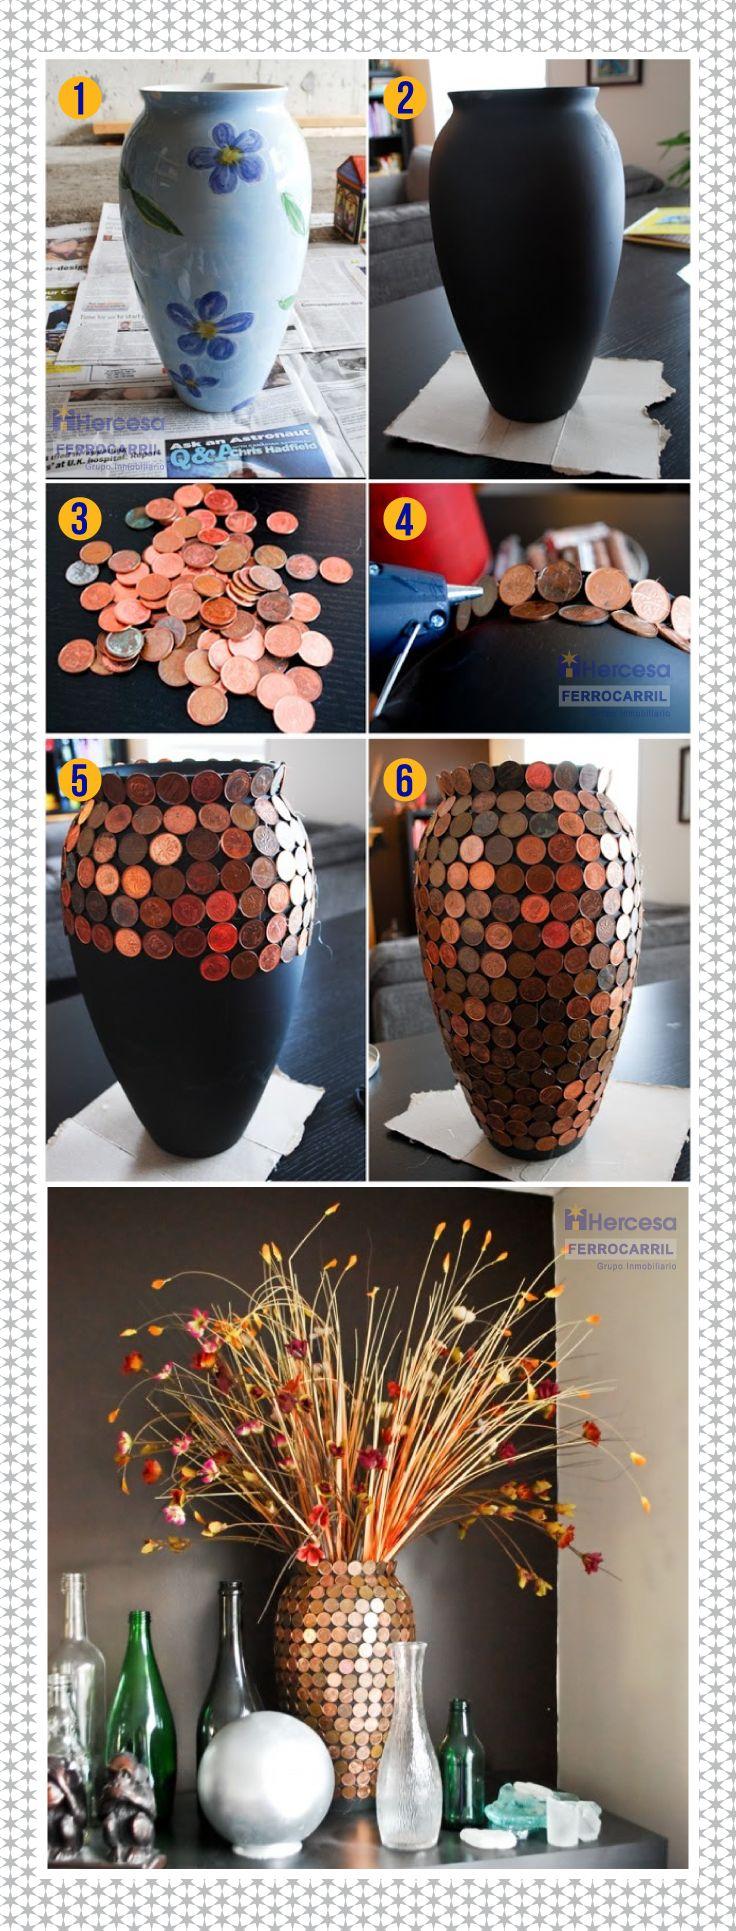 Si tienes monedas viejas dales un toque útil y creativo, haciendo un lindo florero para decorar tu hogar. #Tips #HercesaYFerrocarril #Monedas #Flores #florero #decora